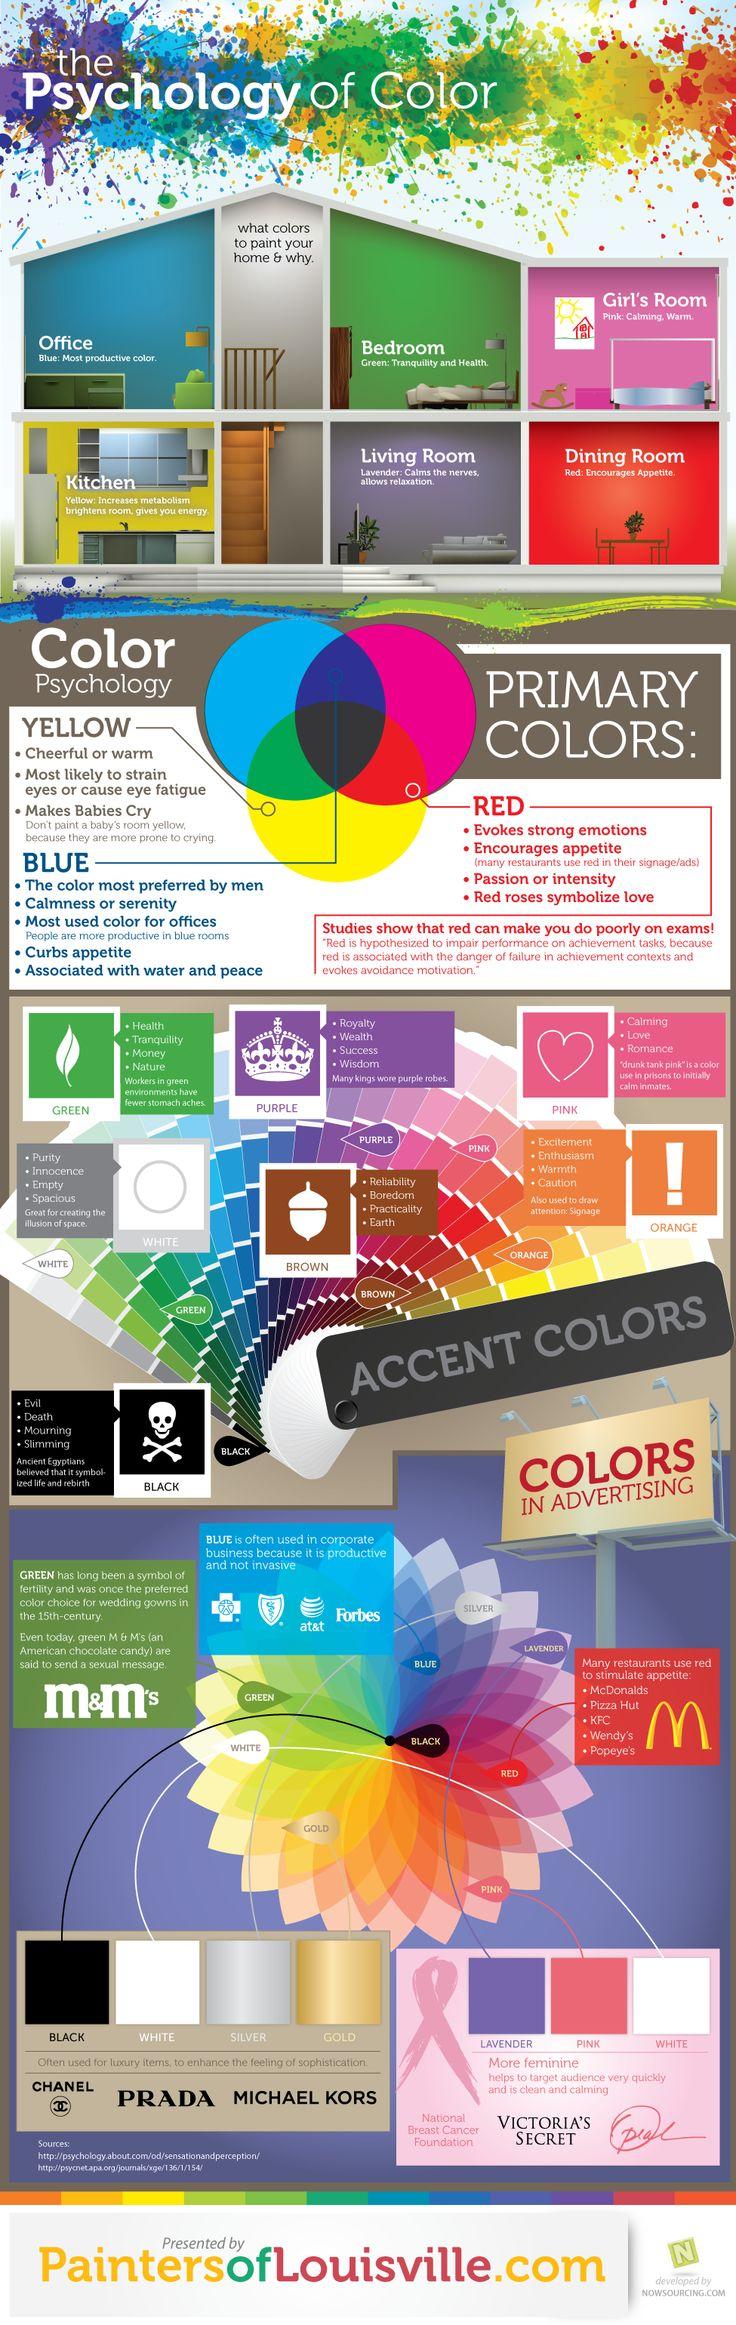 Anwendung und Wirkung von Farben